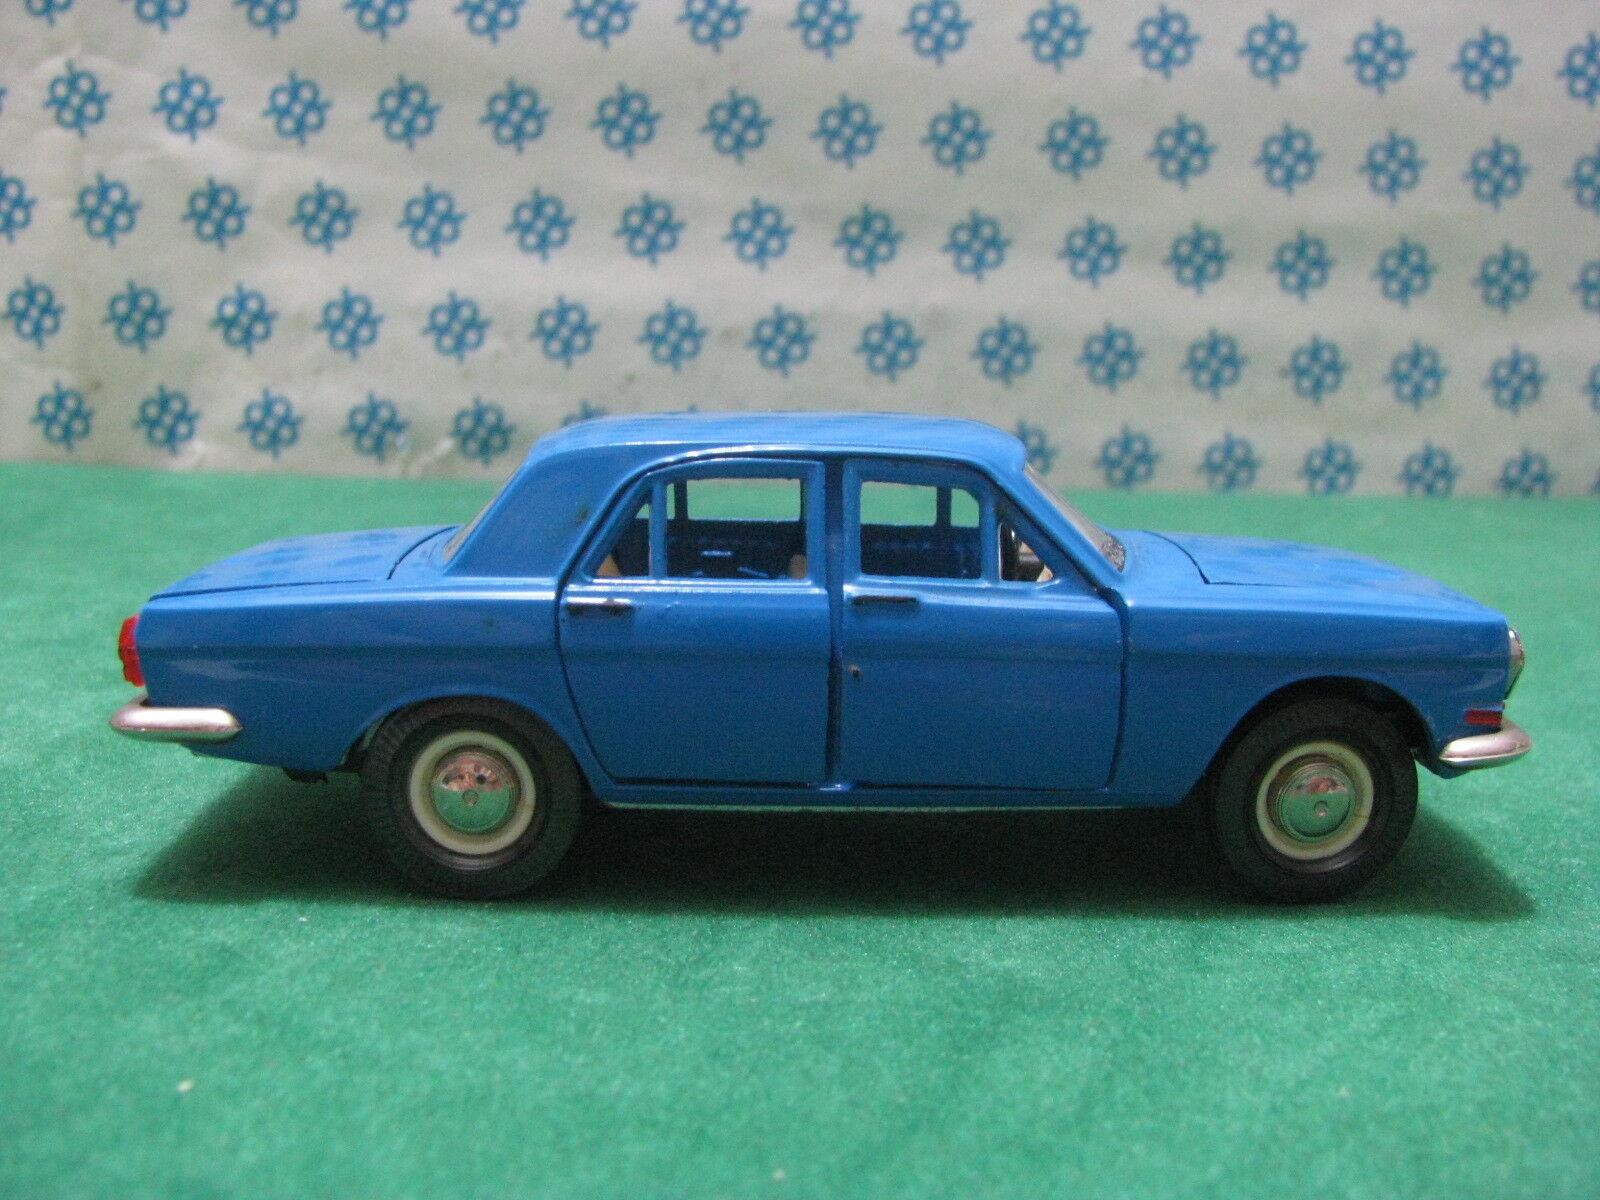 Vintage Vintage Vintage   -  VOLGA 24  Berlina  - 1 43  GAZ  USSR CCCP Saratov 9a3689